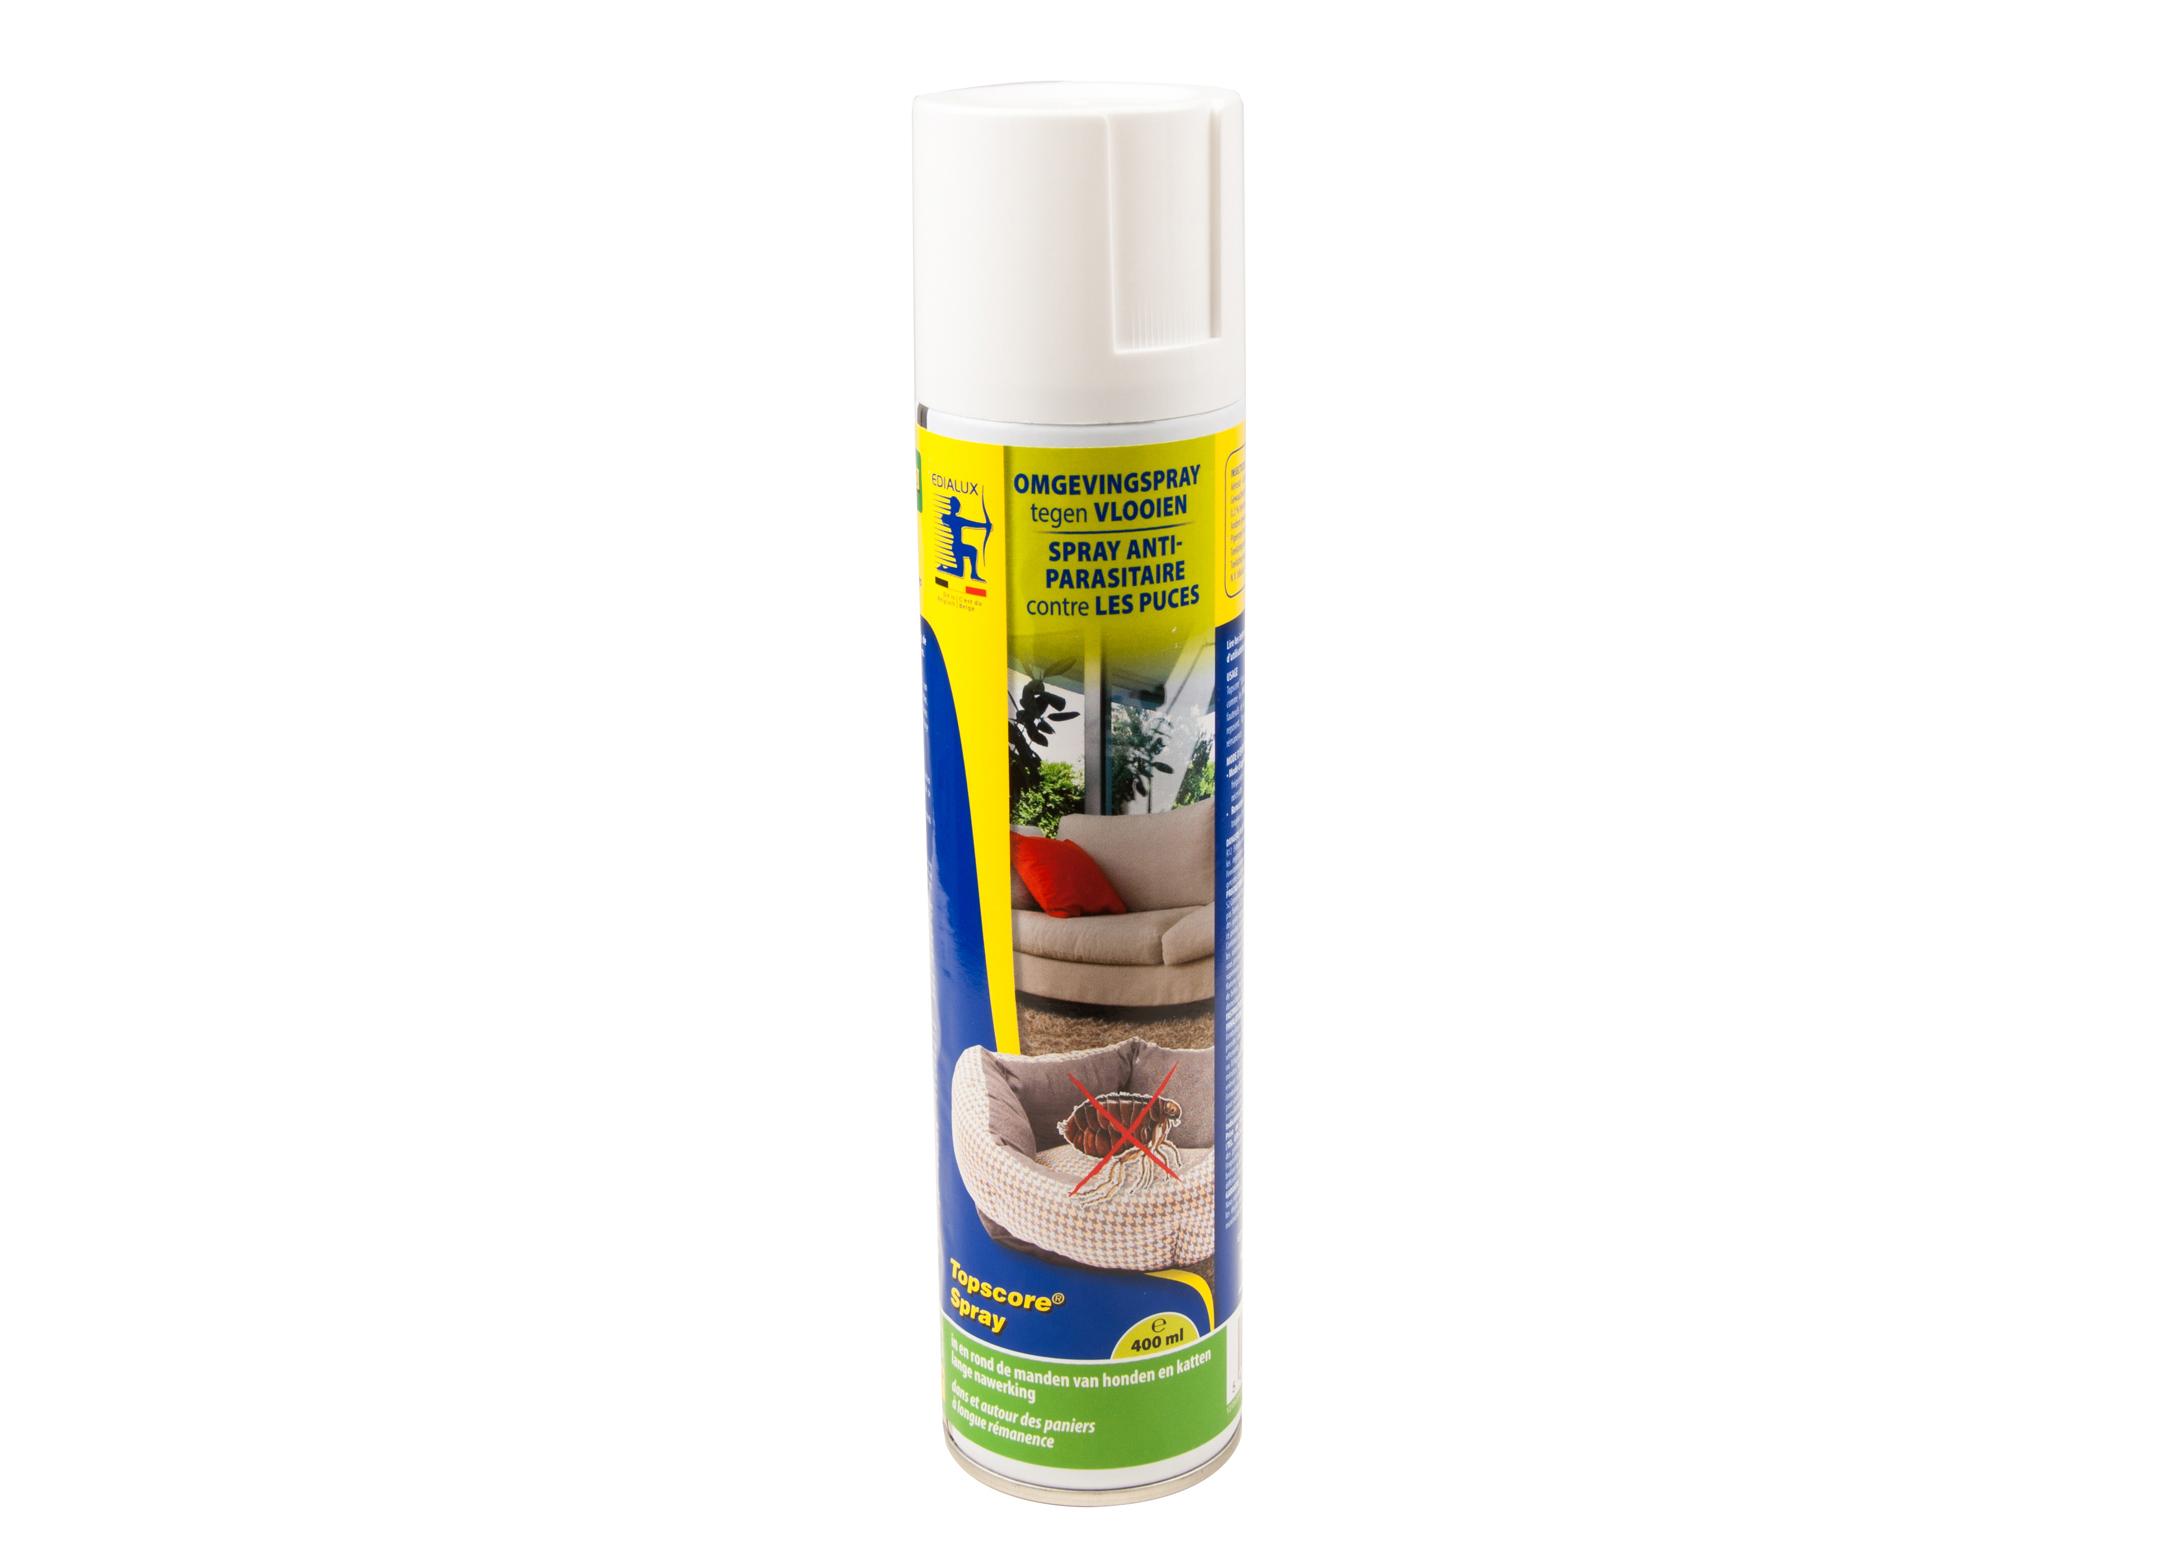 Edialux Topscore Antivlooien Spray 400 ml